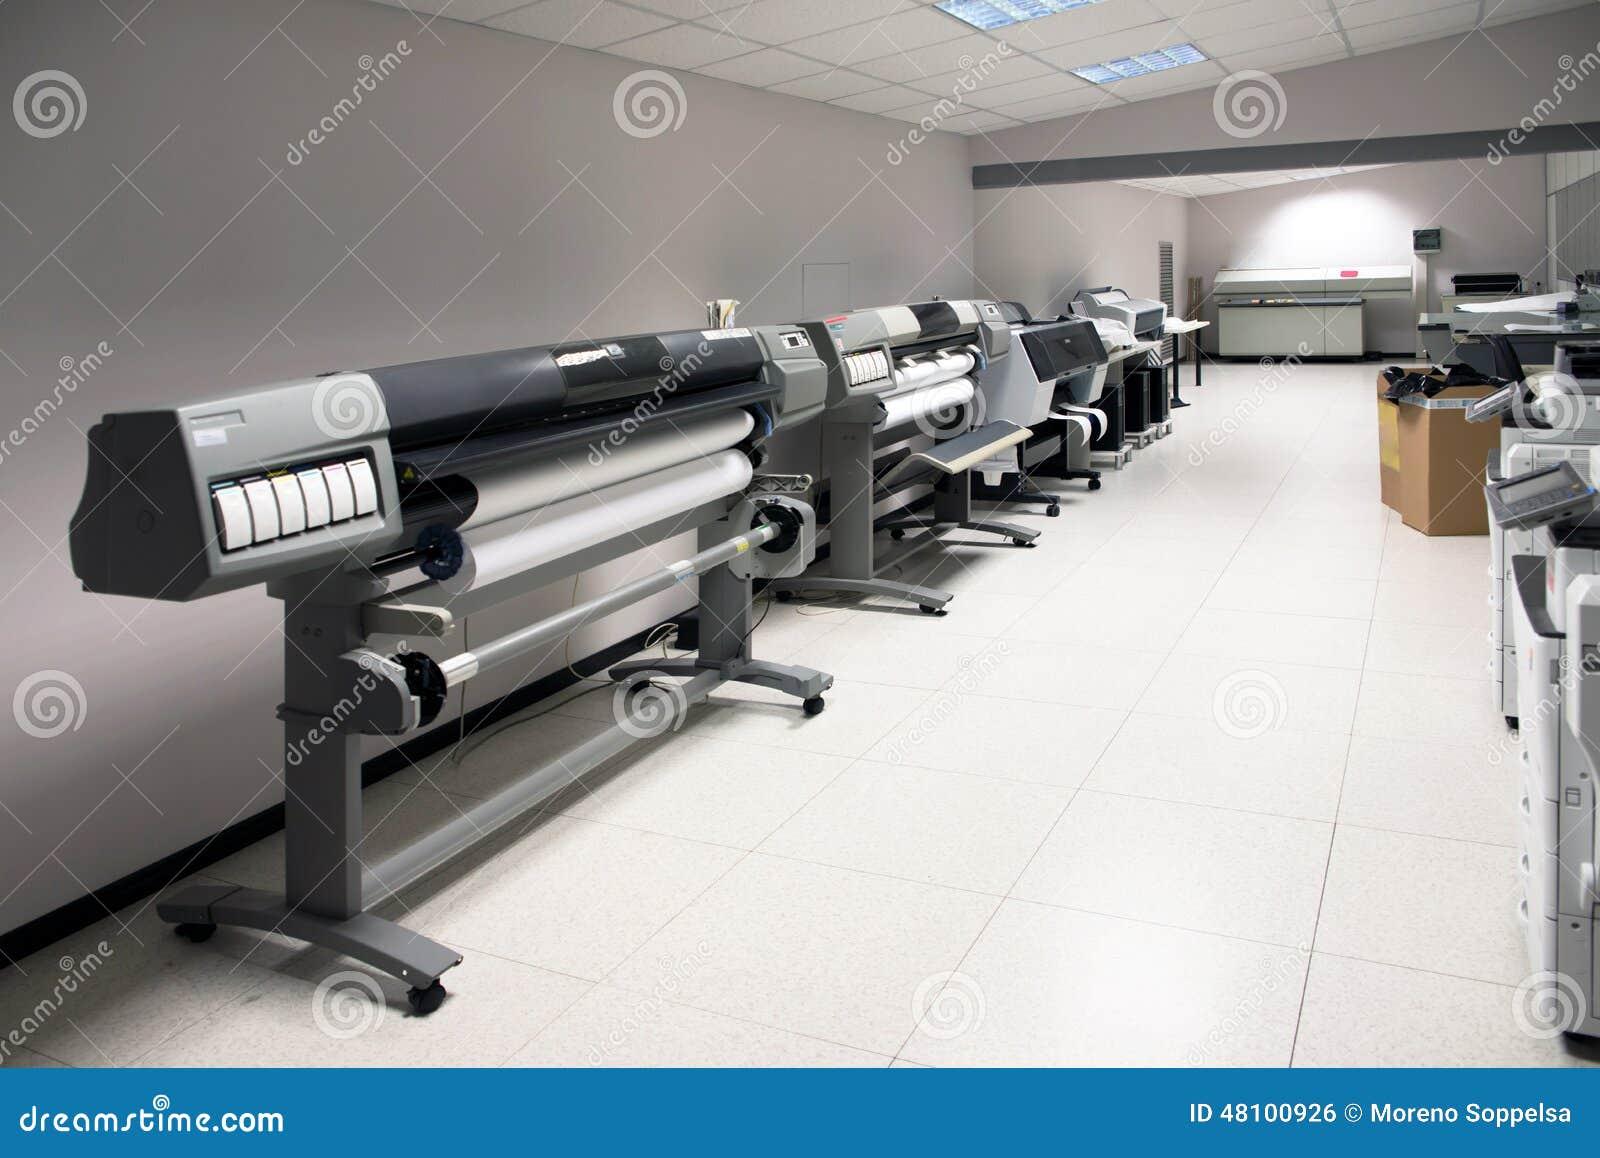 宽数字式格式打印机打印